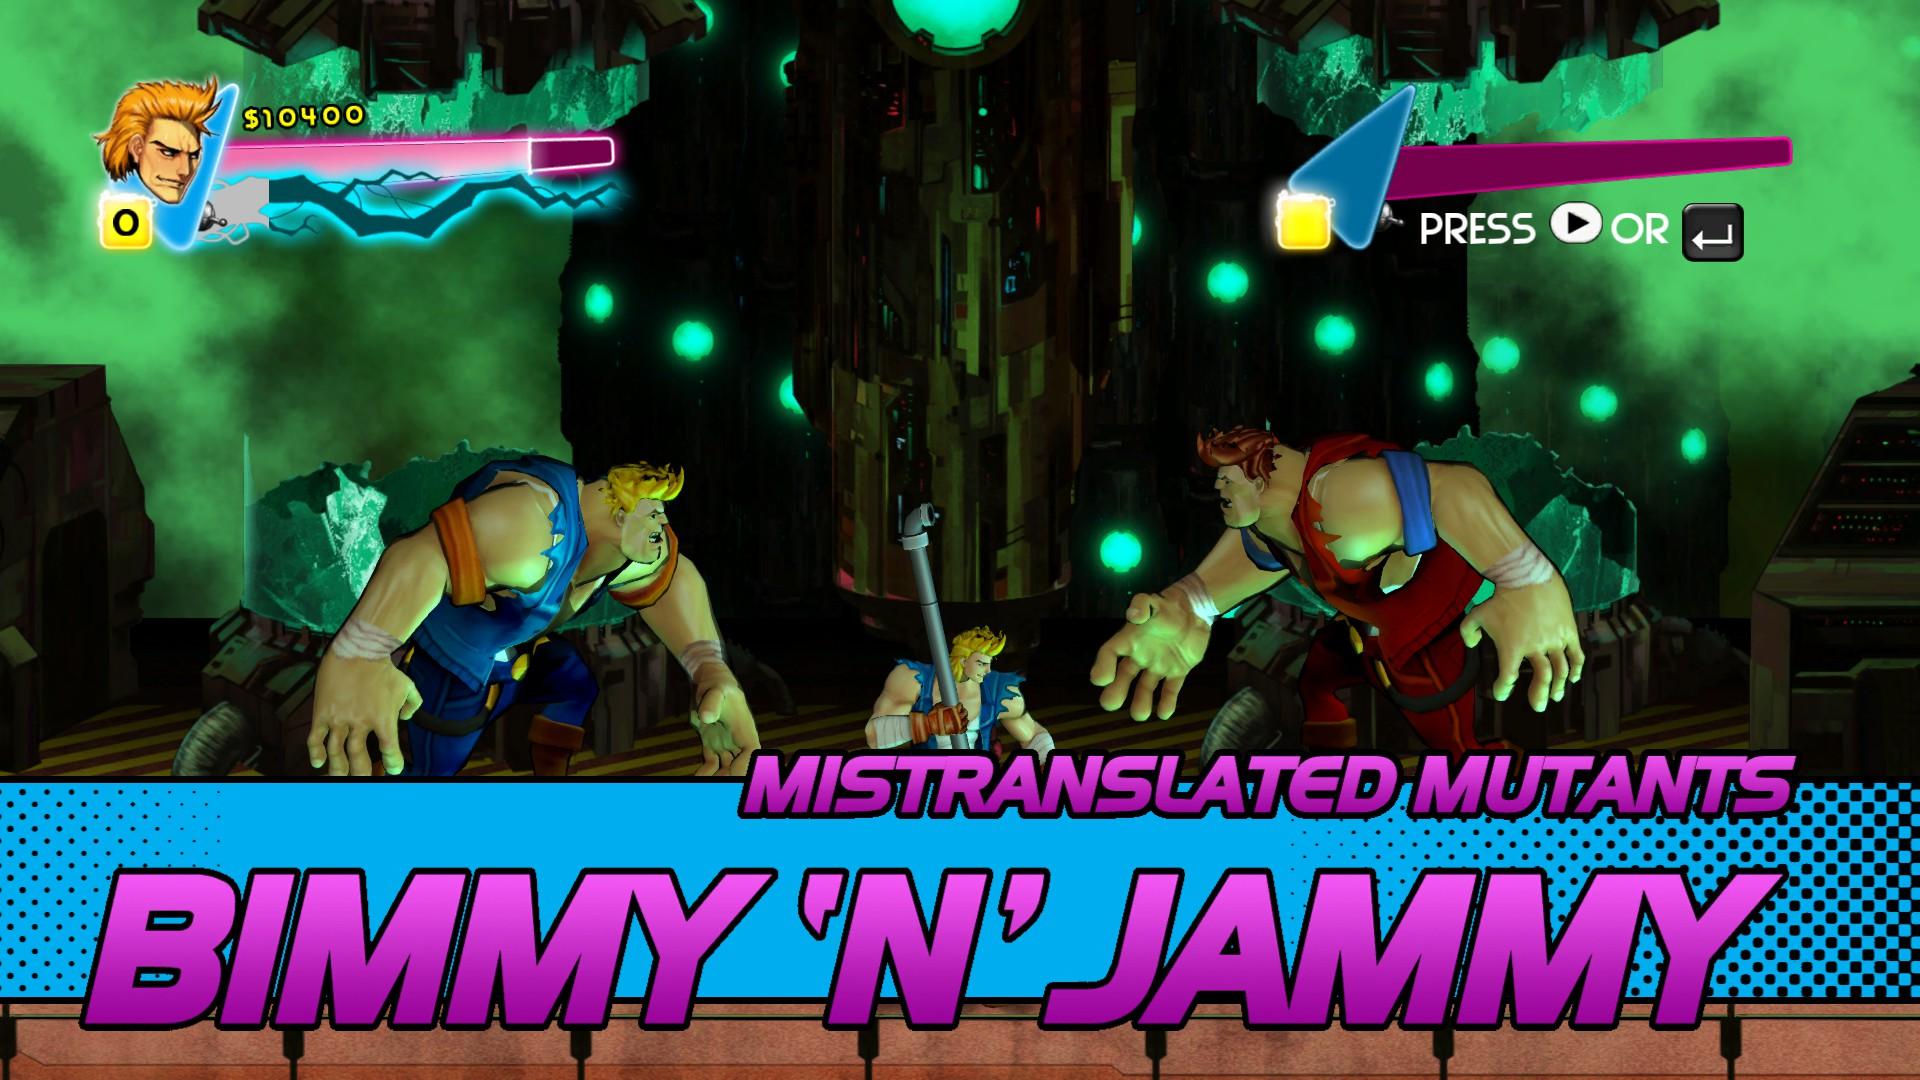 Bimmy_Jammy.jpg